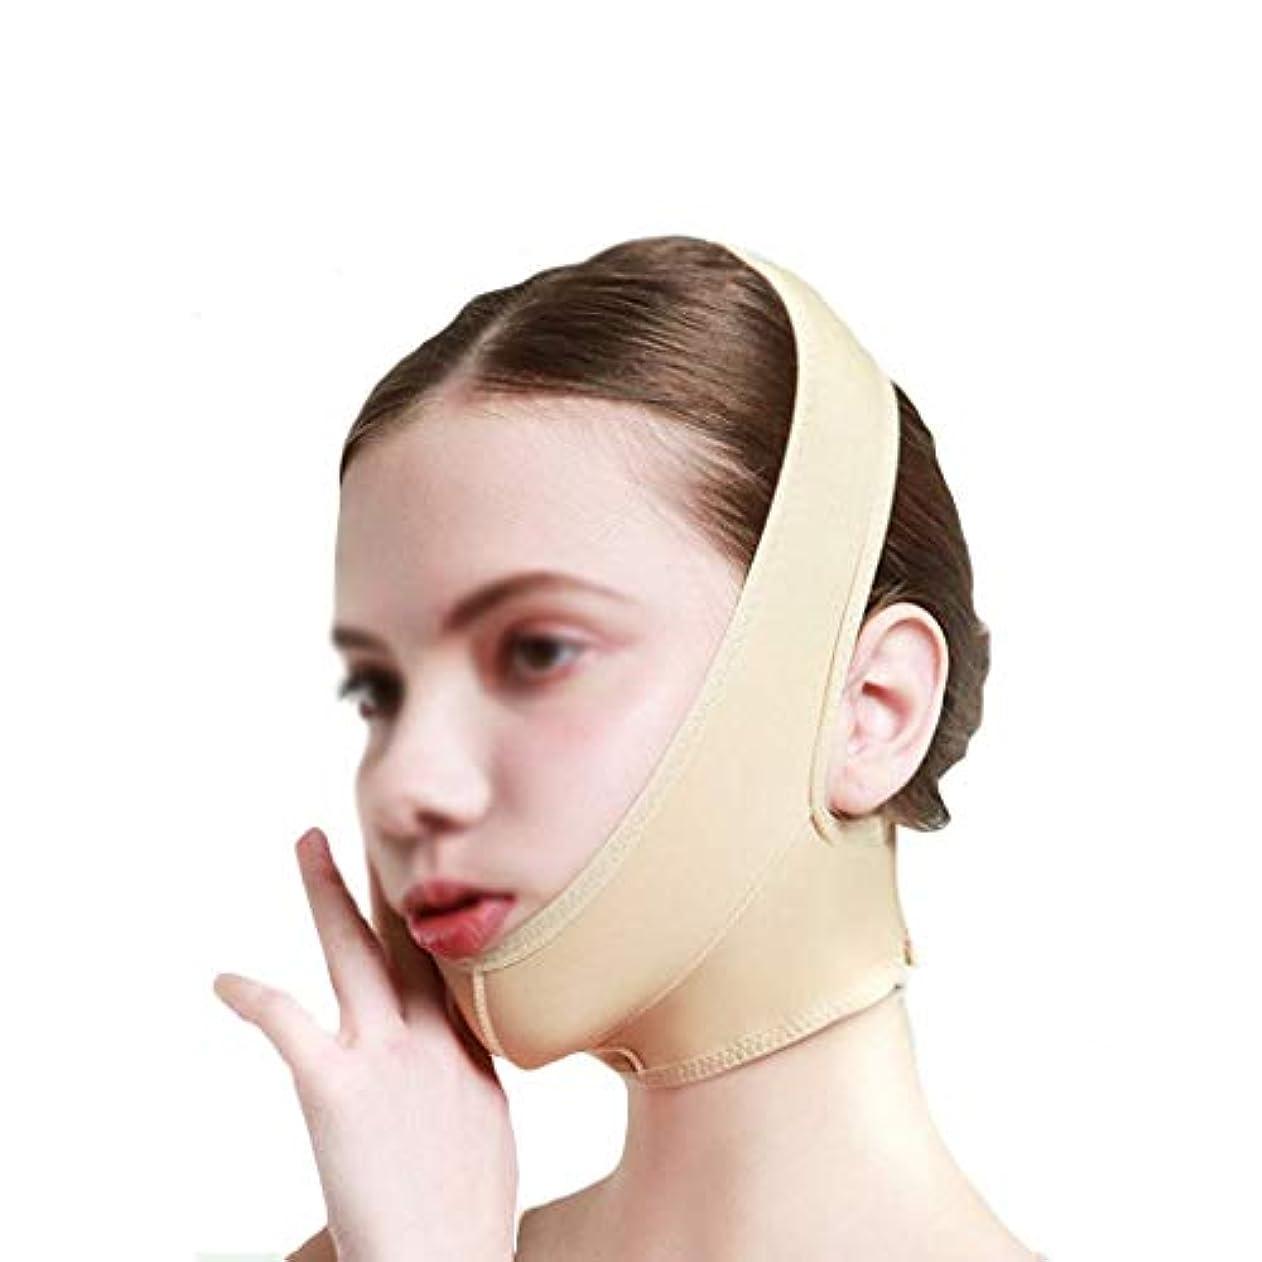 副成熟したトピックダブルチンリデューサー、フェイススリミングマスク、フェイスリフティング、ストレッチマスク、ダブルチン、浮腫緩和、ケアツール、通気性(サイズ:XL),S